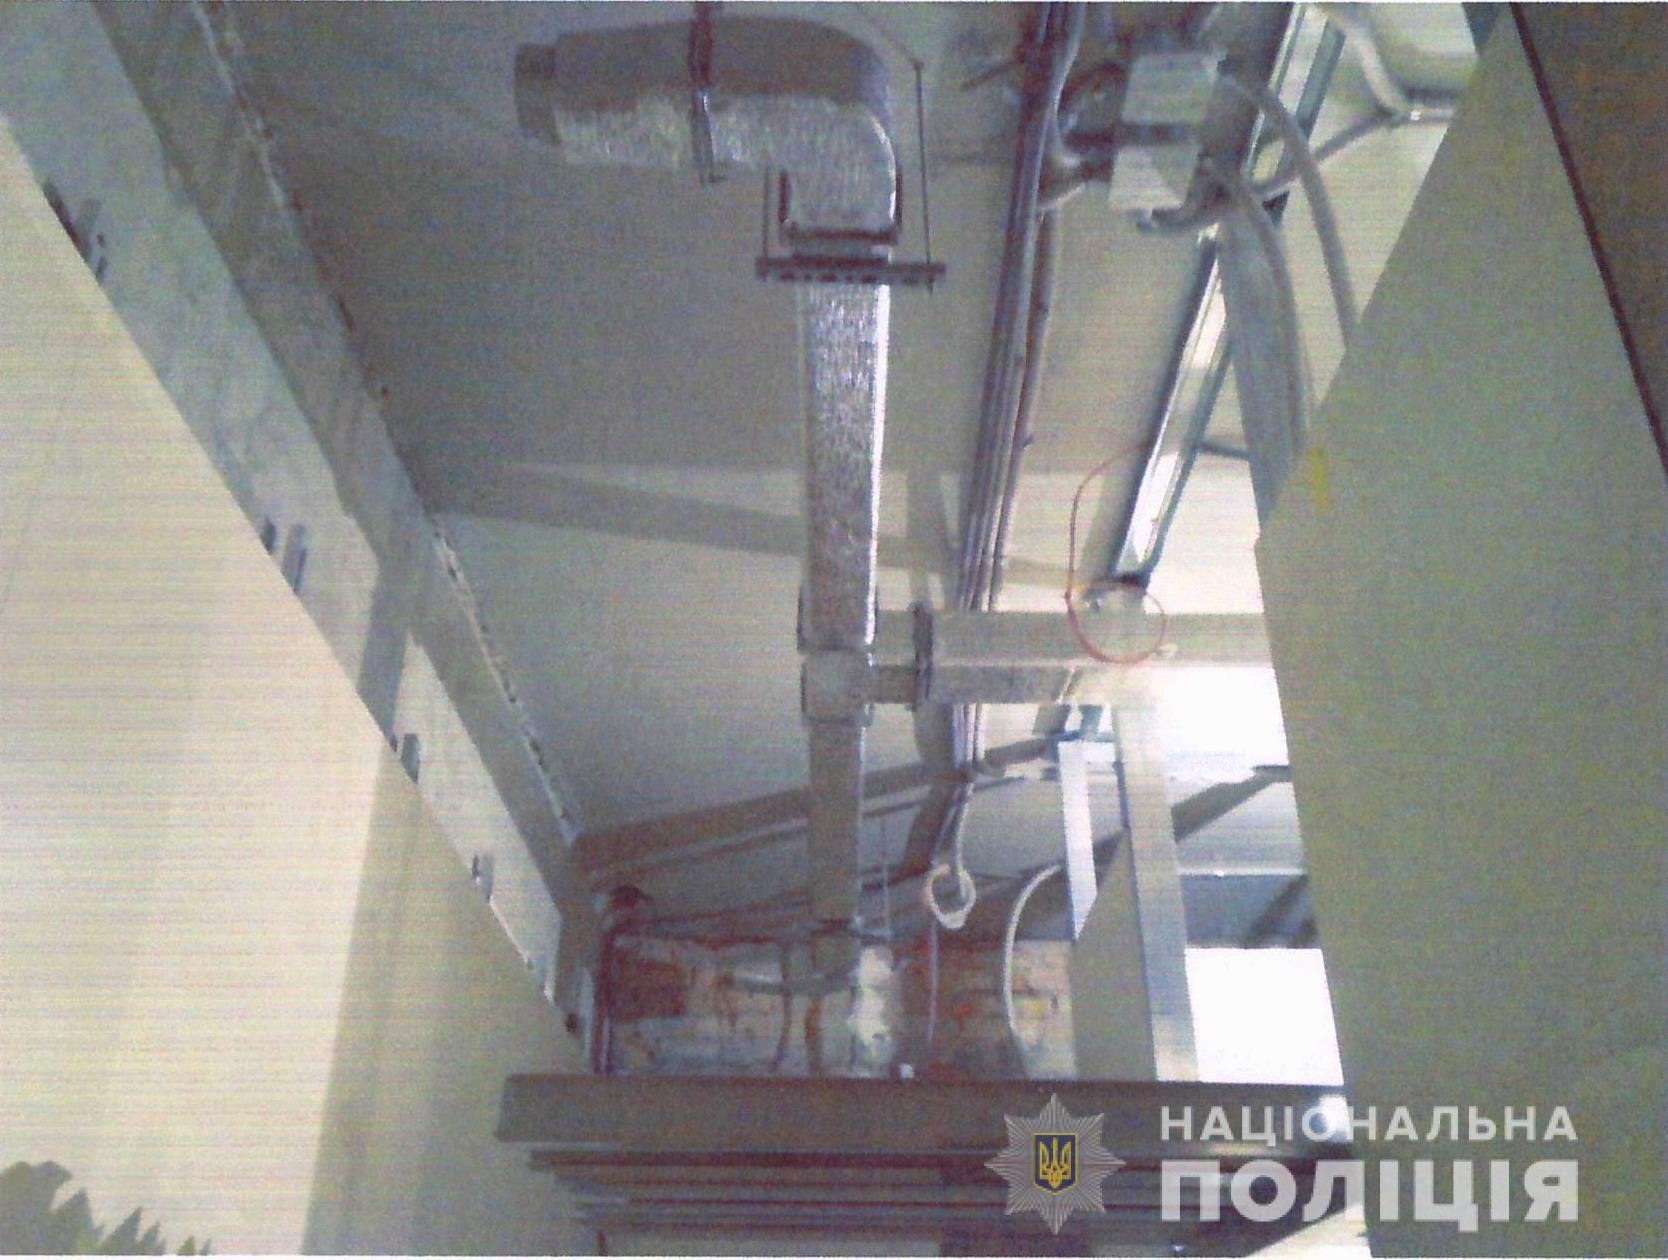 Чиновники розікралі более 10 млн на реконструкції відділення медінстітуту